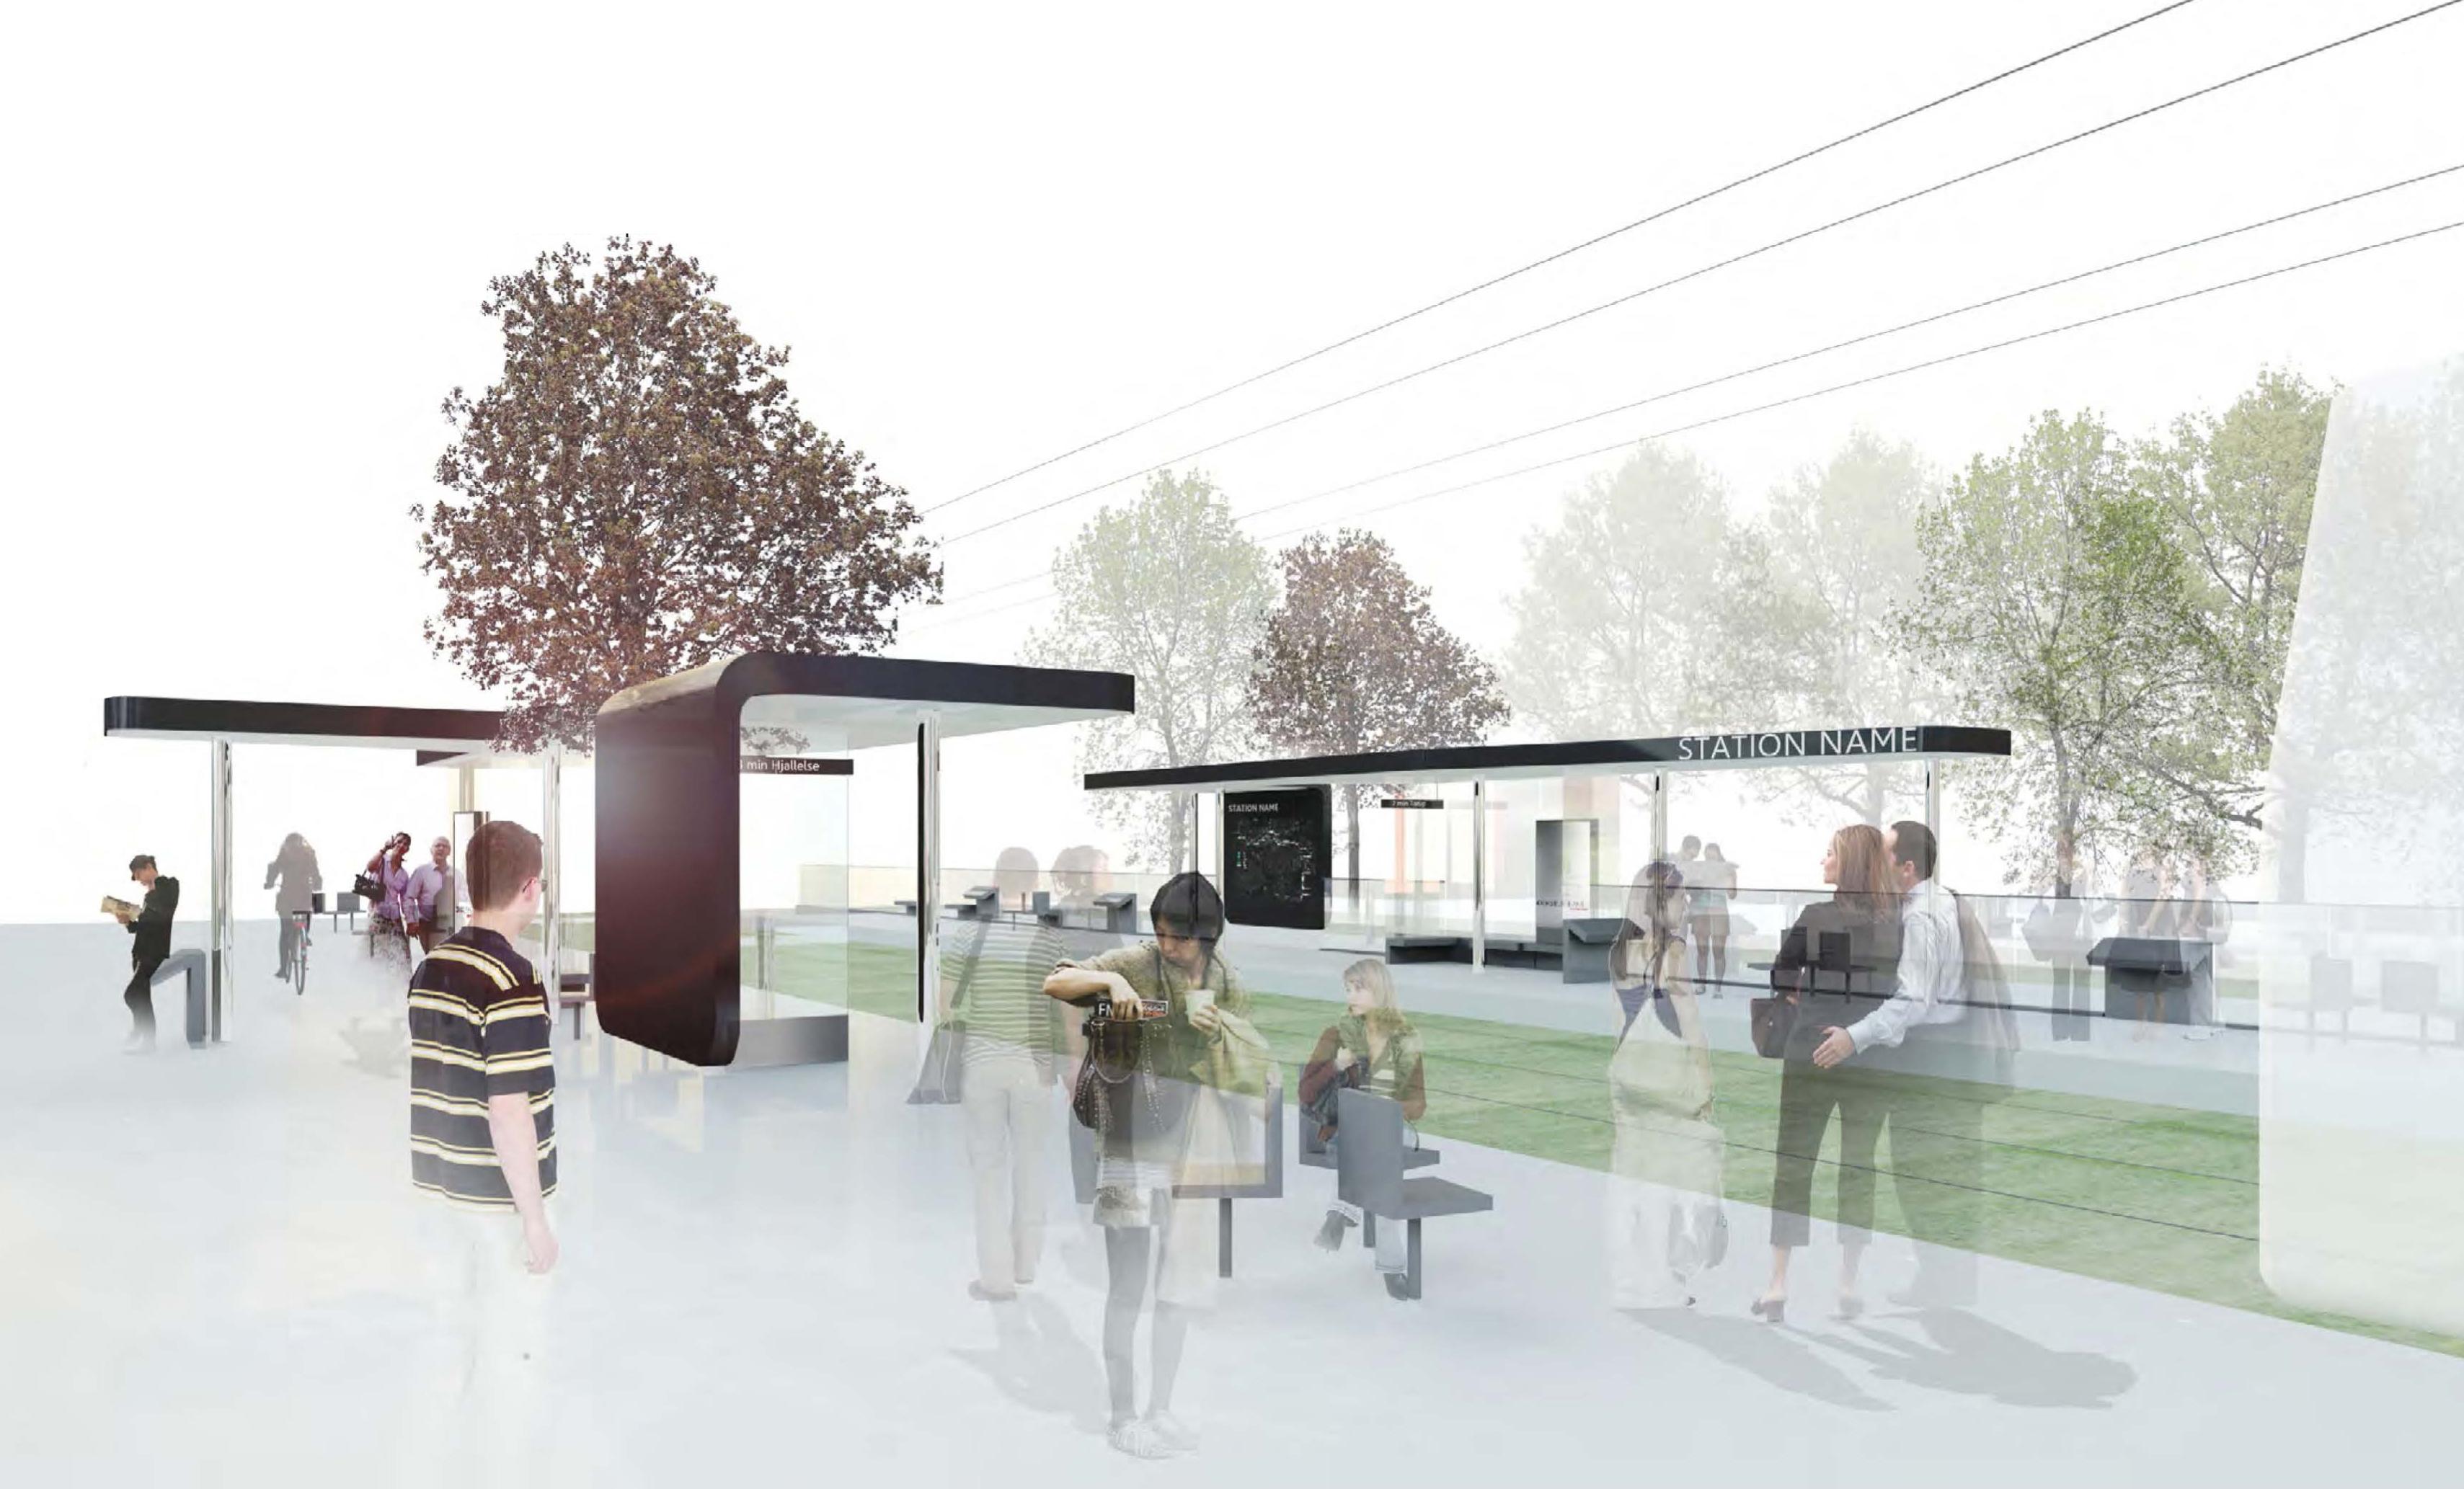 Villes Et Paysages atelier villes & paysages se recentre sur la conception